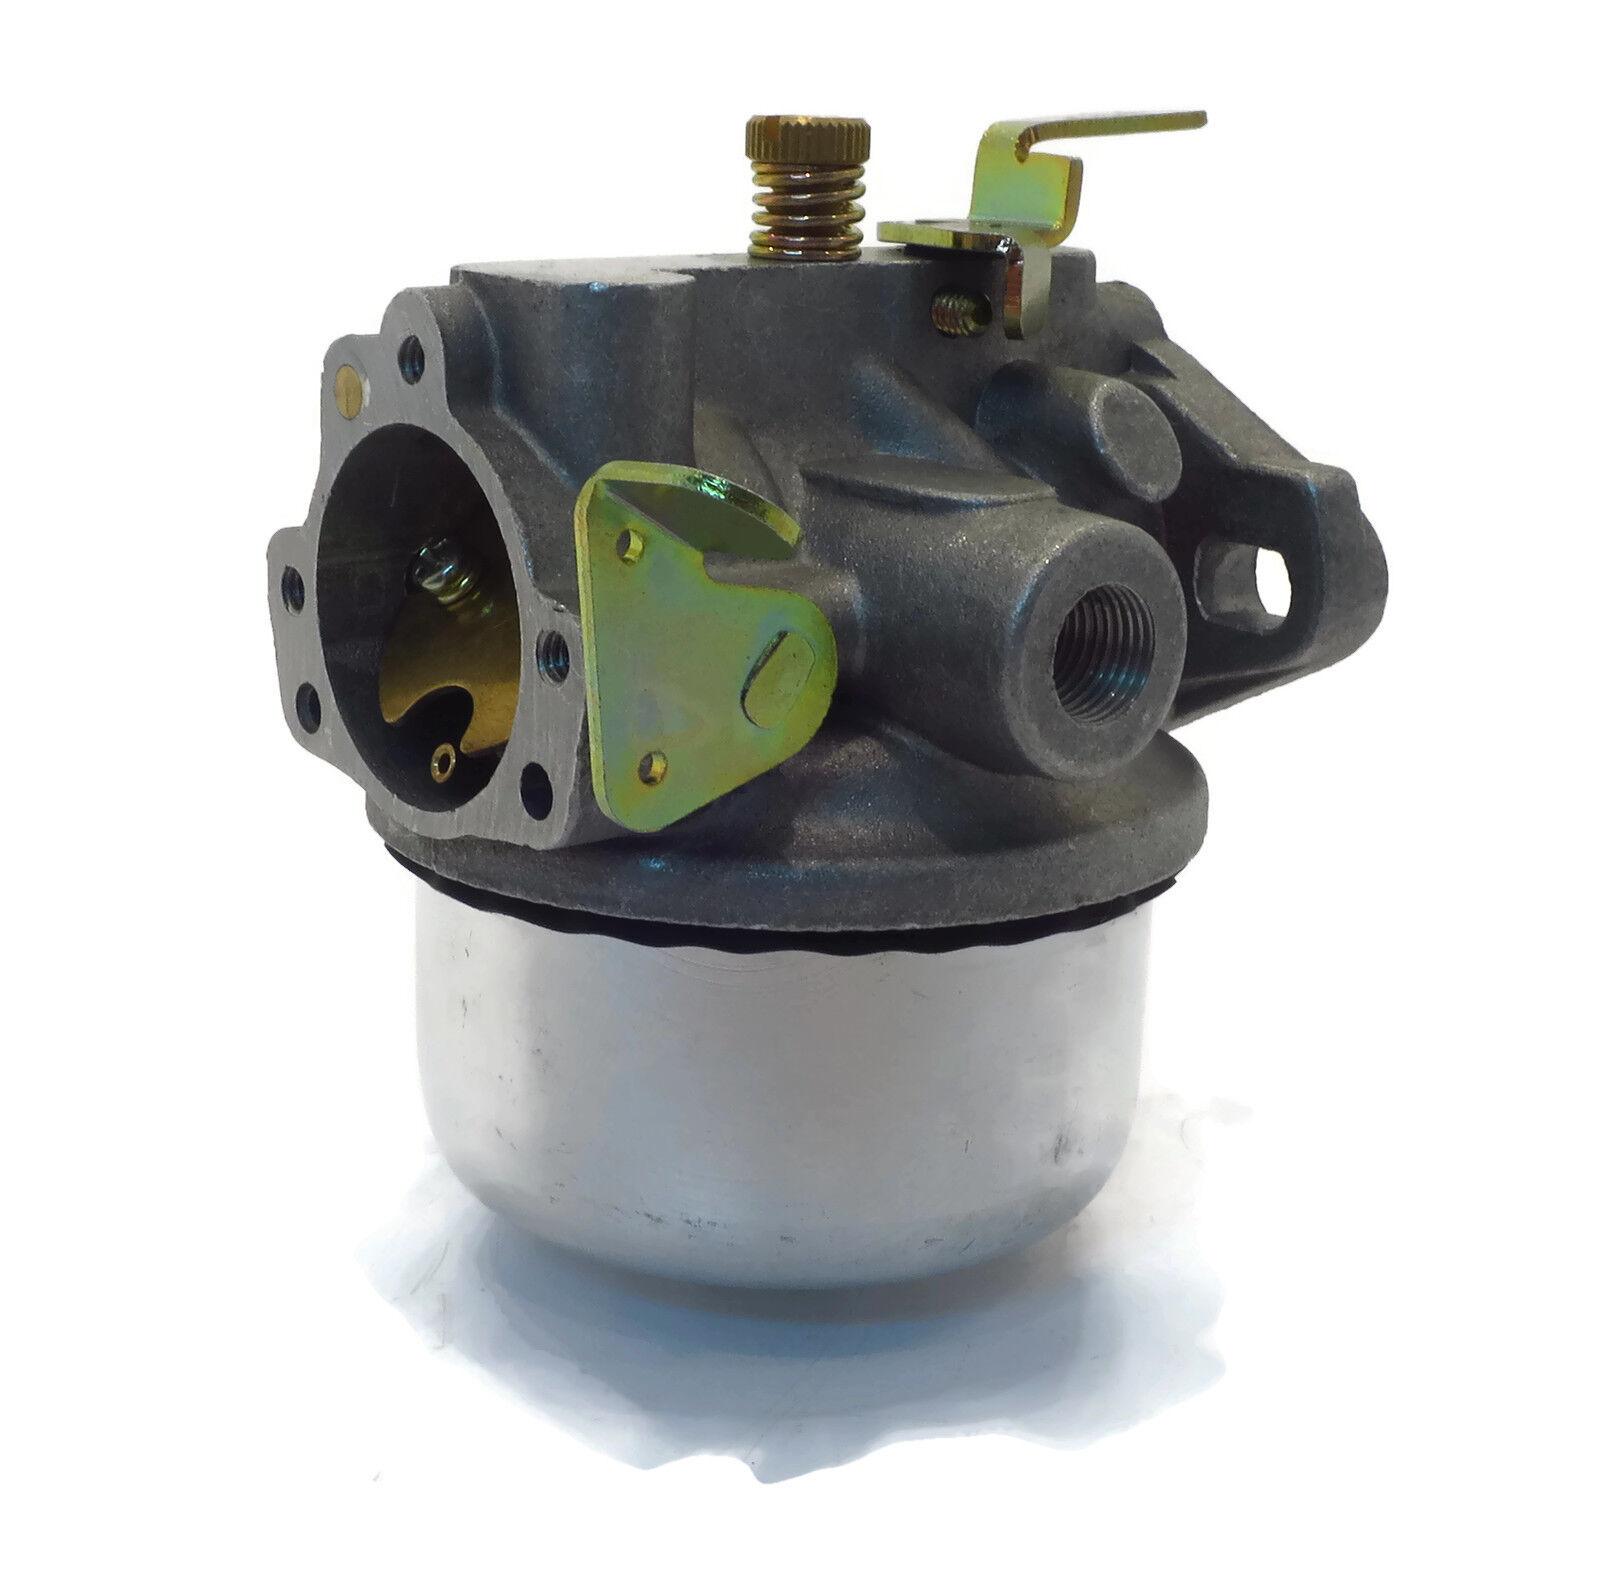 CARBURETOR CARB for Kohler 41 853 08 41 853 08-S 41 853 02 Gas Engines Motors